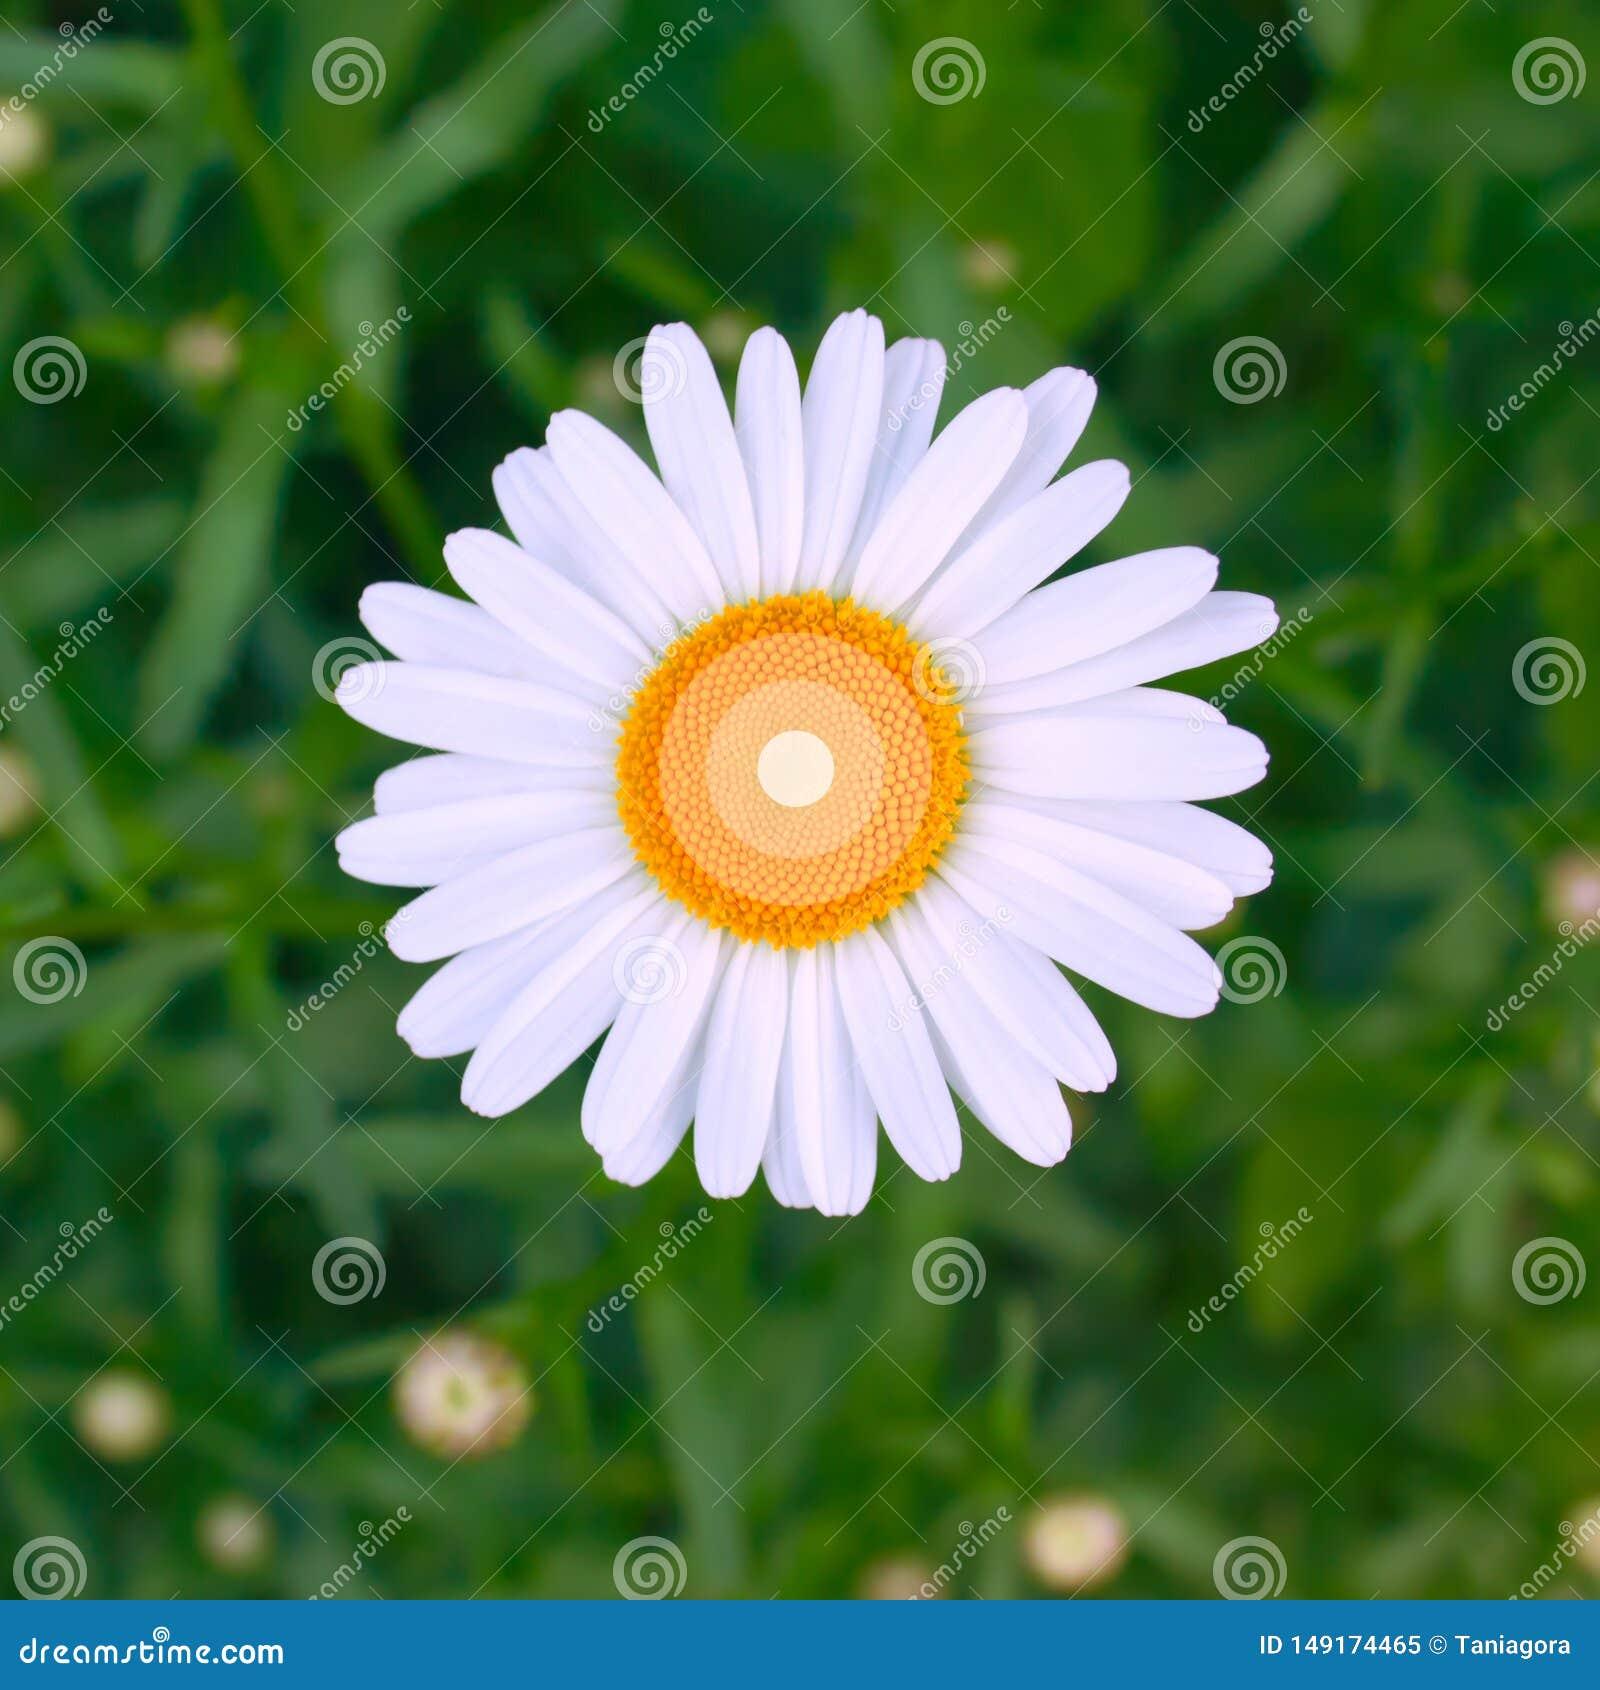 Sch?ne frische helle Kamillenblume auf einen Blumenhintergrund des gr?nen Grases Entwurf